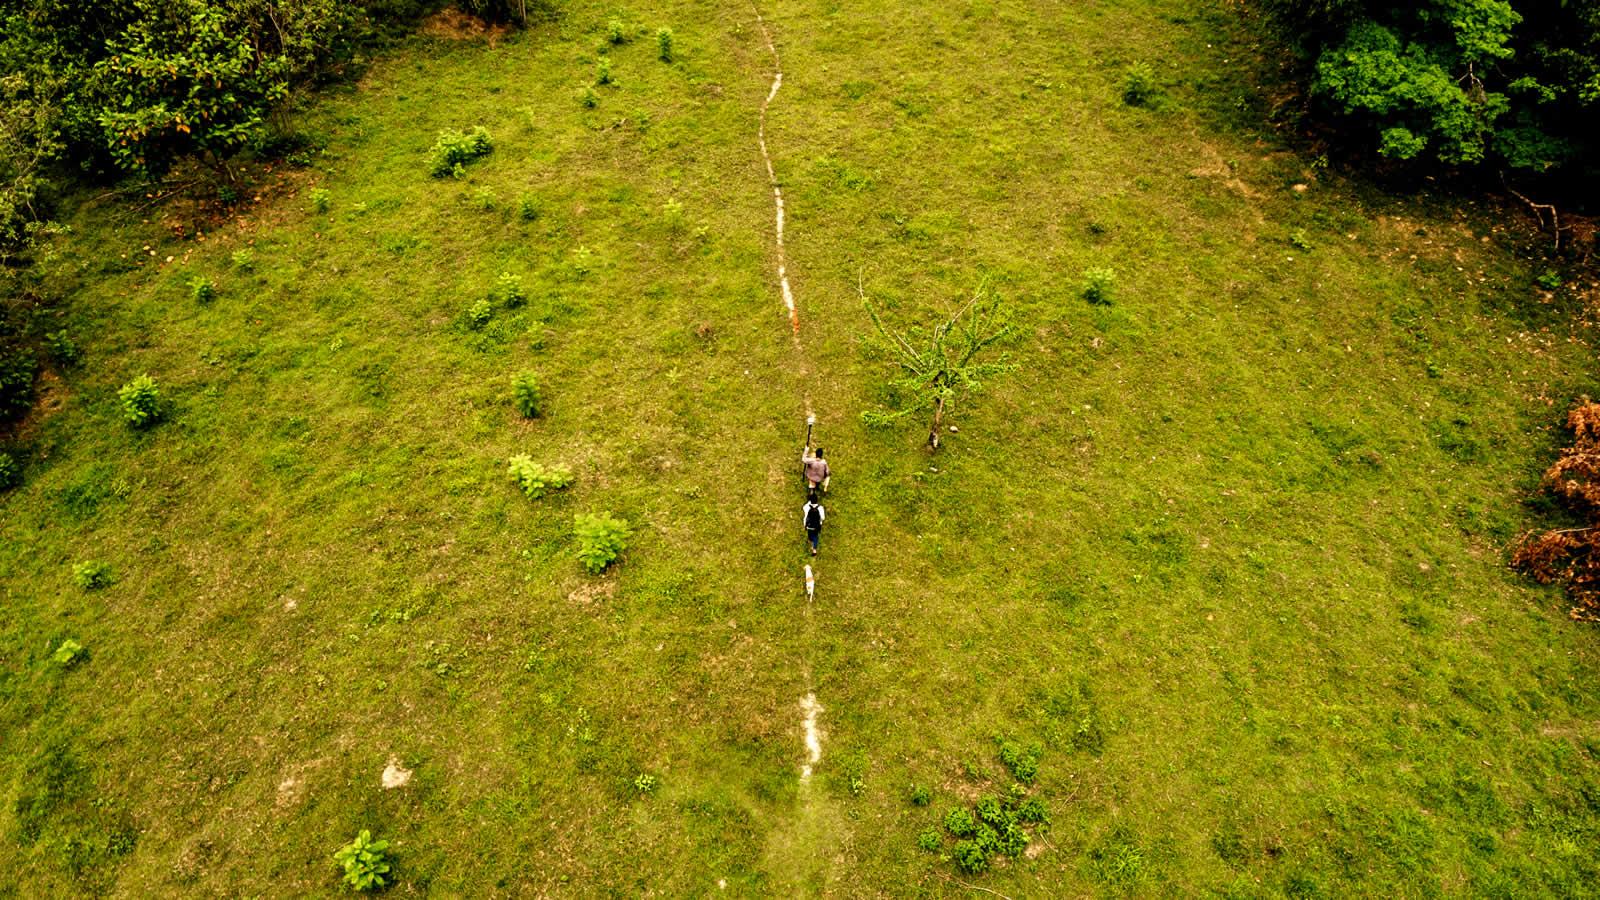 Titulación exprés, la técnica holandesa para mapear la tierra 'de nadie' en Colombia